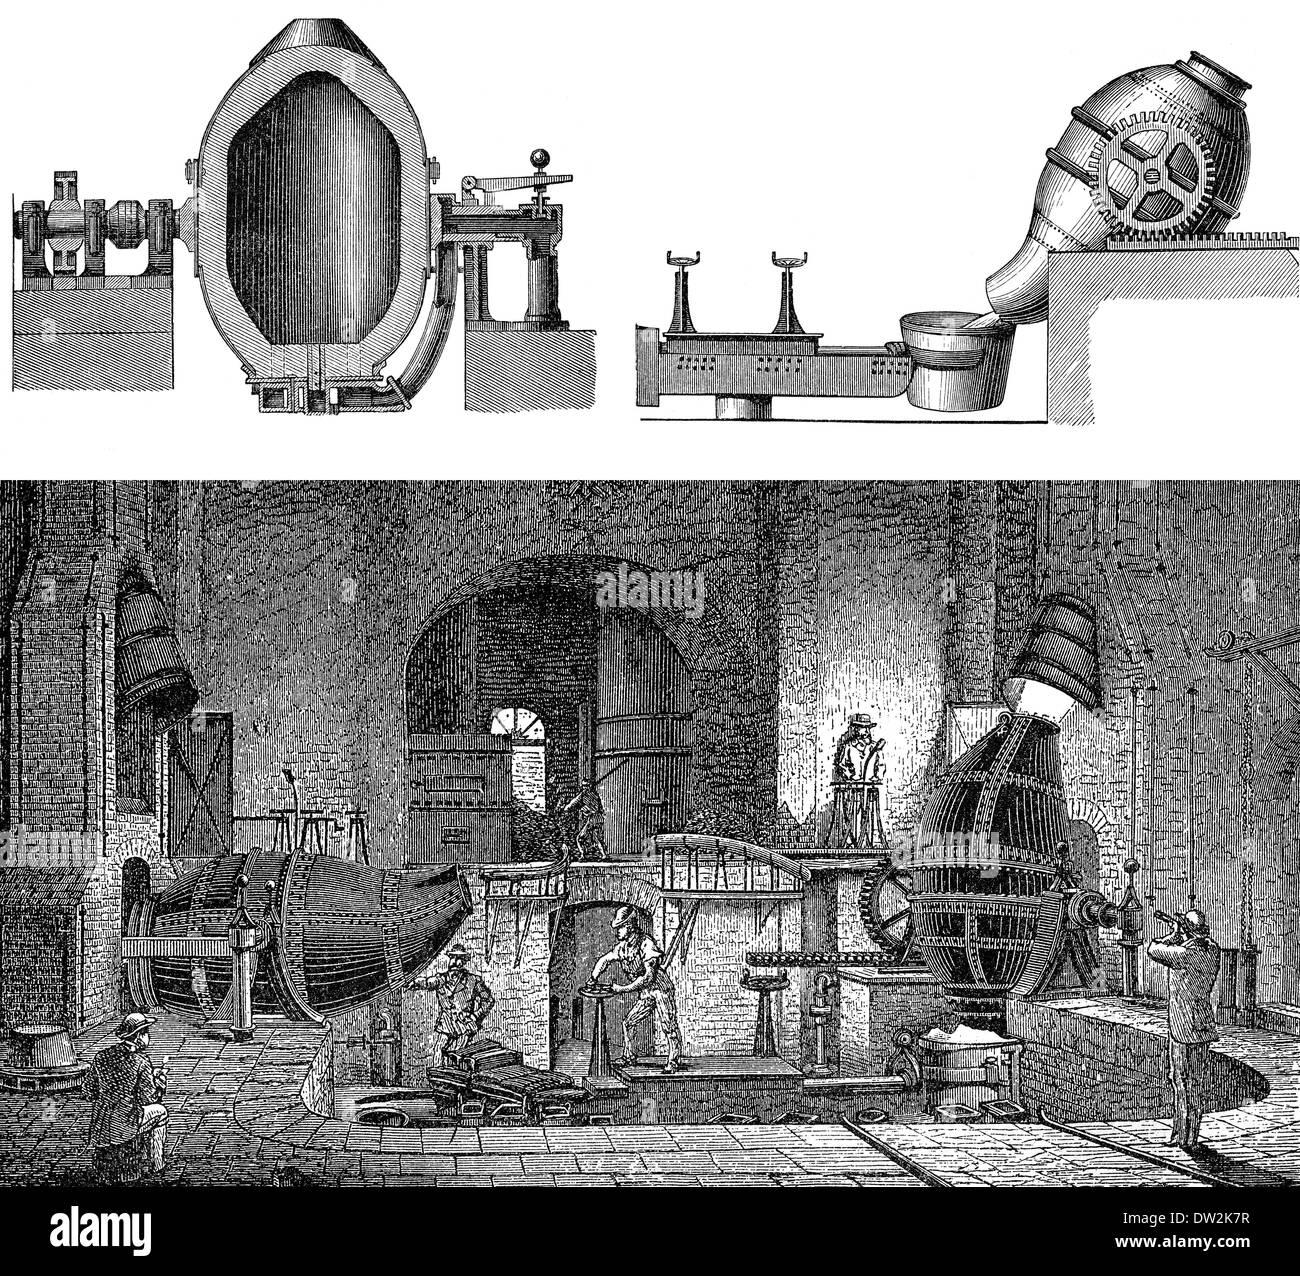 Technical processing of iron in different blast furnaces, 1894, technische Eisenverarbeitung in verschiedenen Hochöfen, Stock Photo